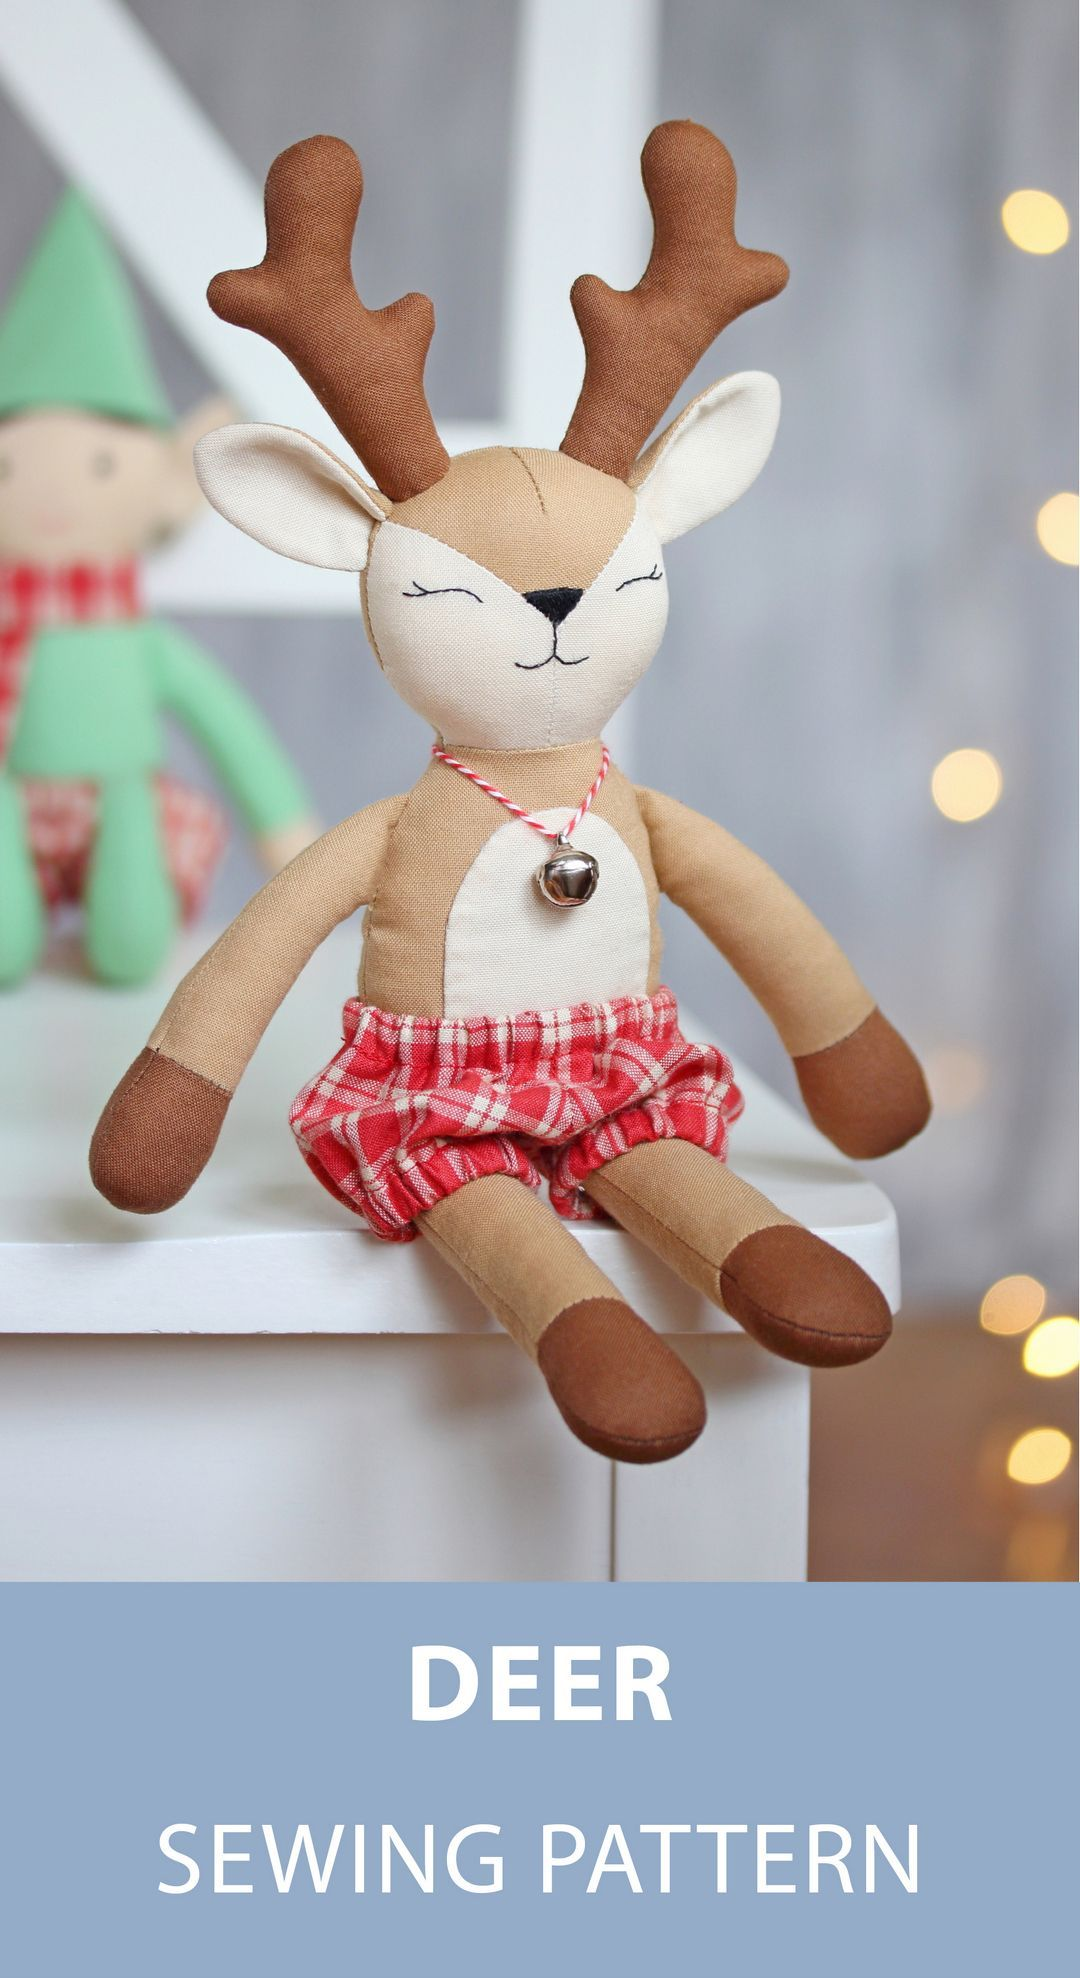 26 Amazing Image Of Reindeer Sewing Pattern Diy Rag Dolls